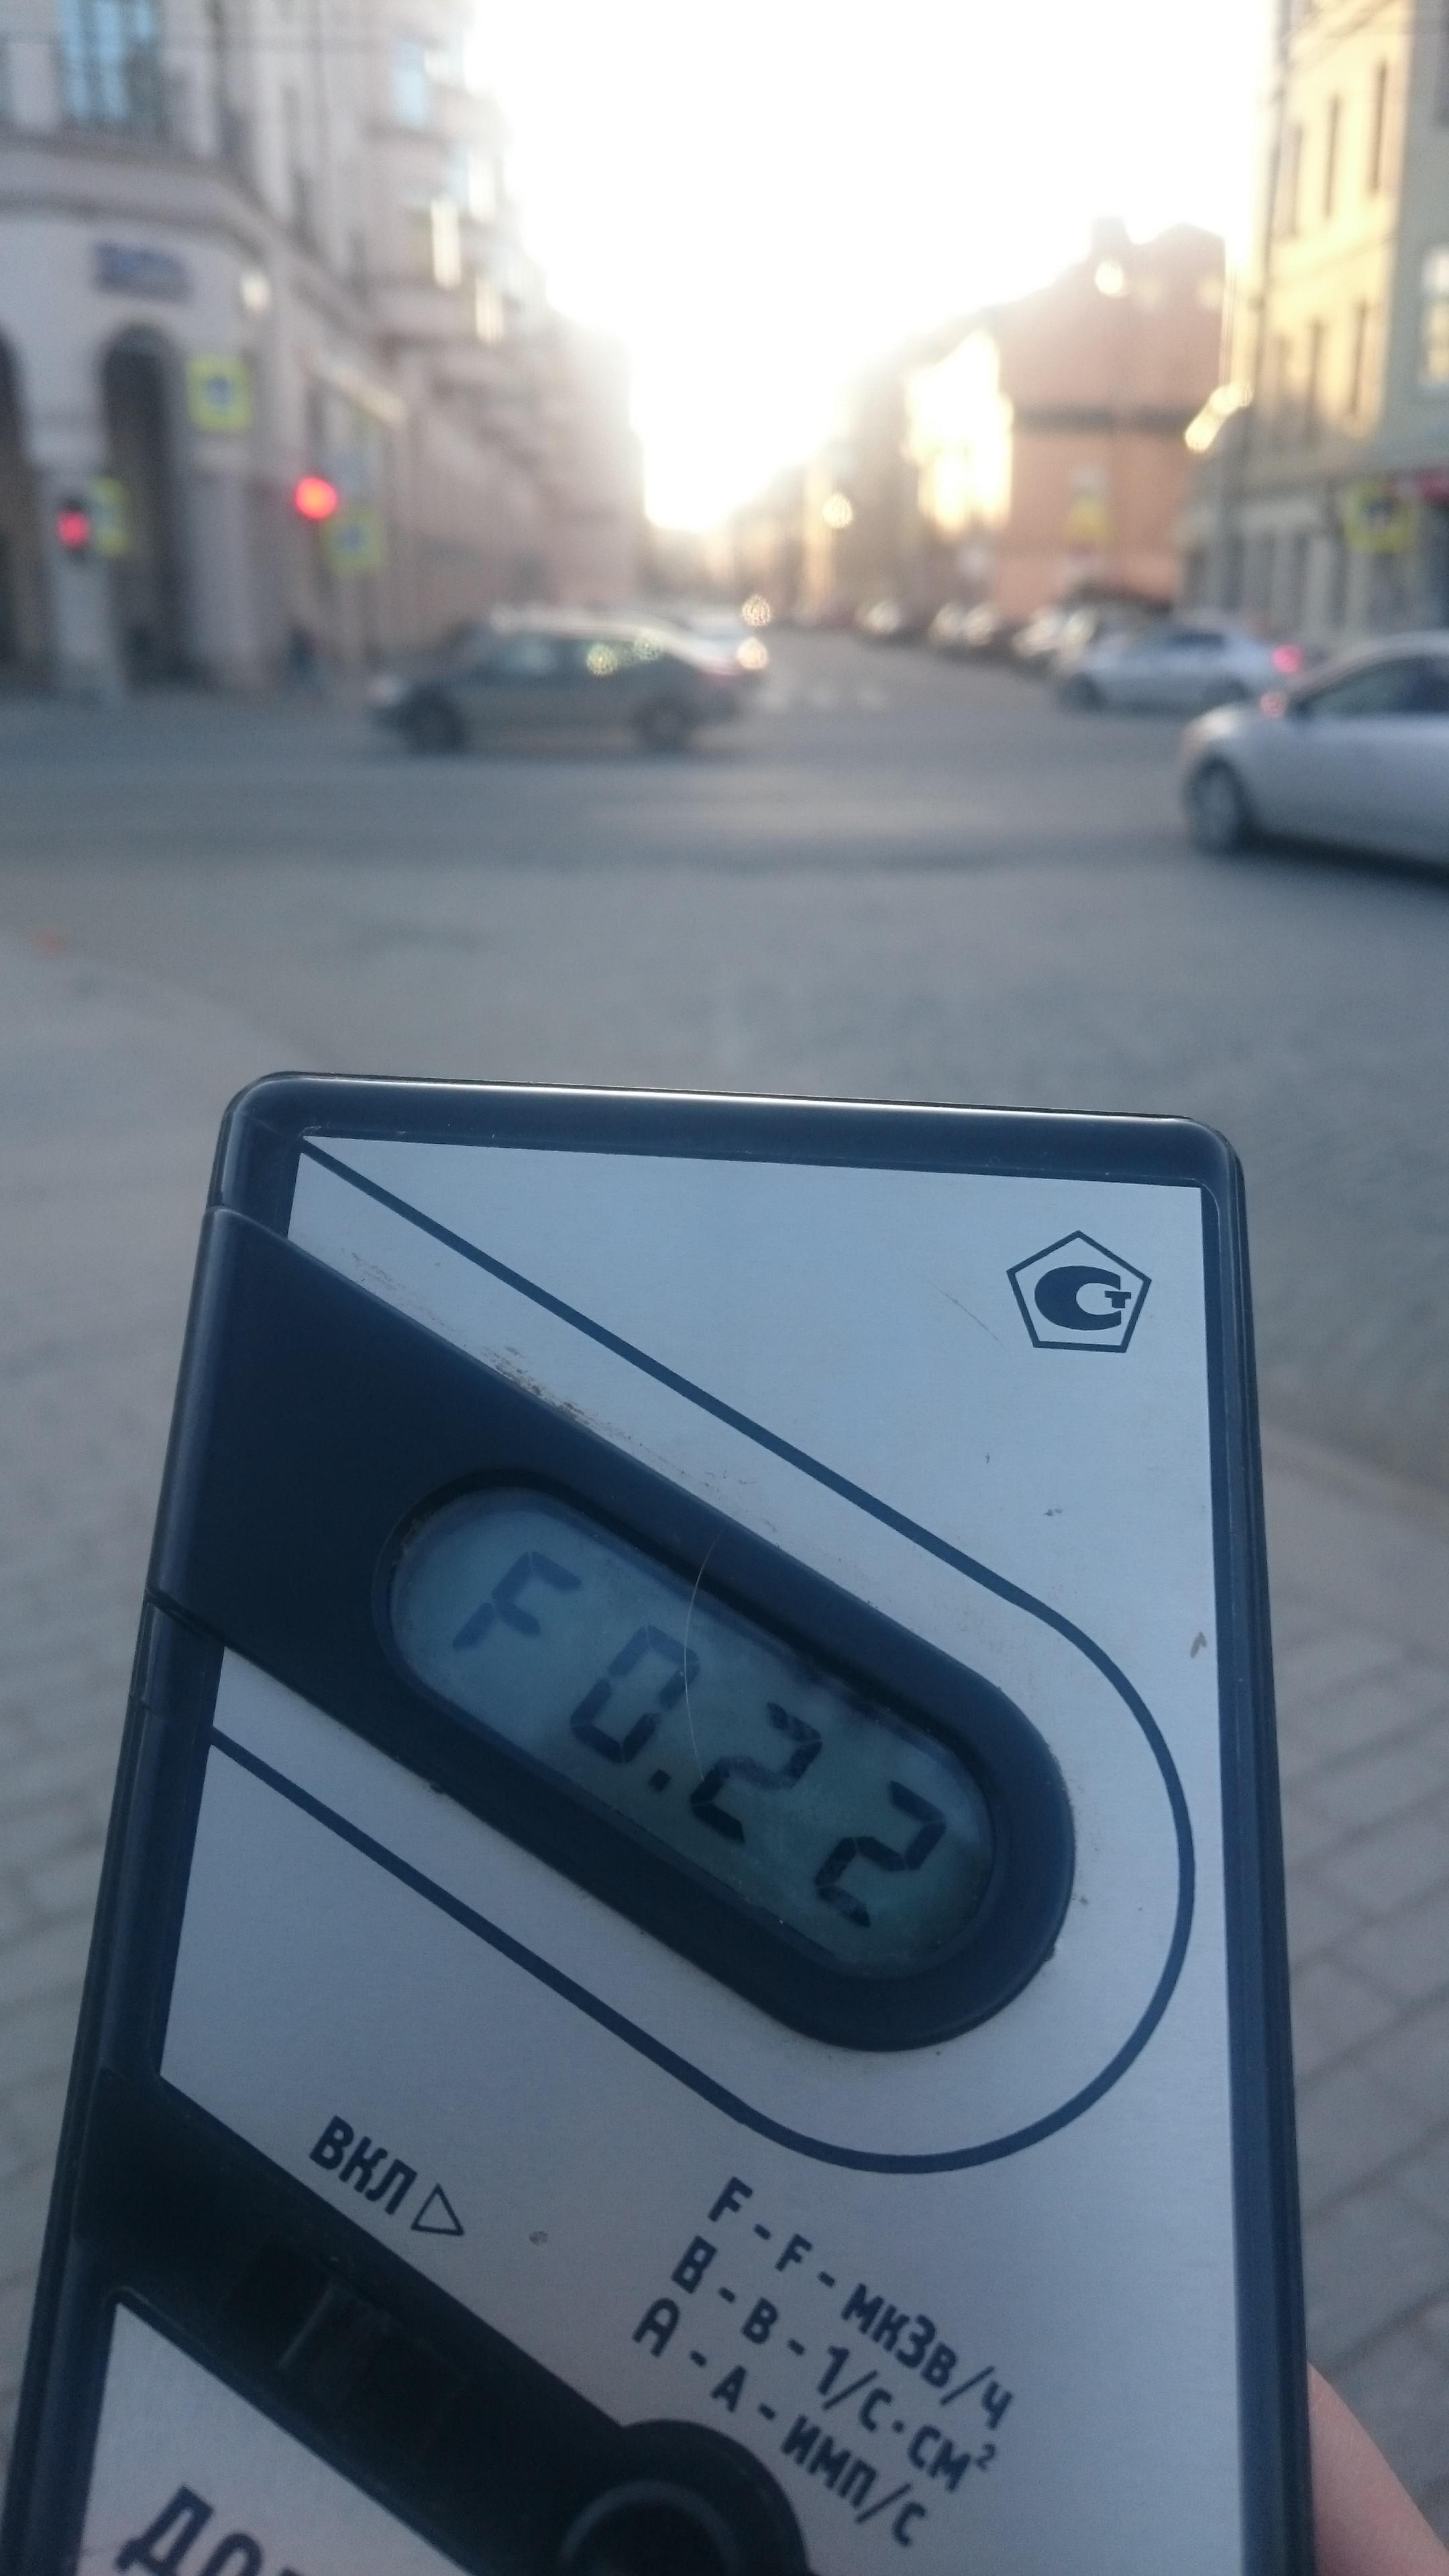 Точка измерения МЭД гамма-излучени на Кронверкском проспекте в Санкт-Петербурге